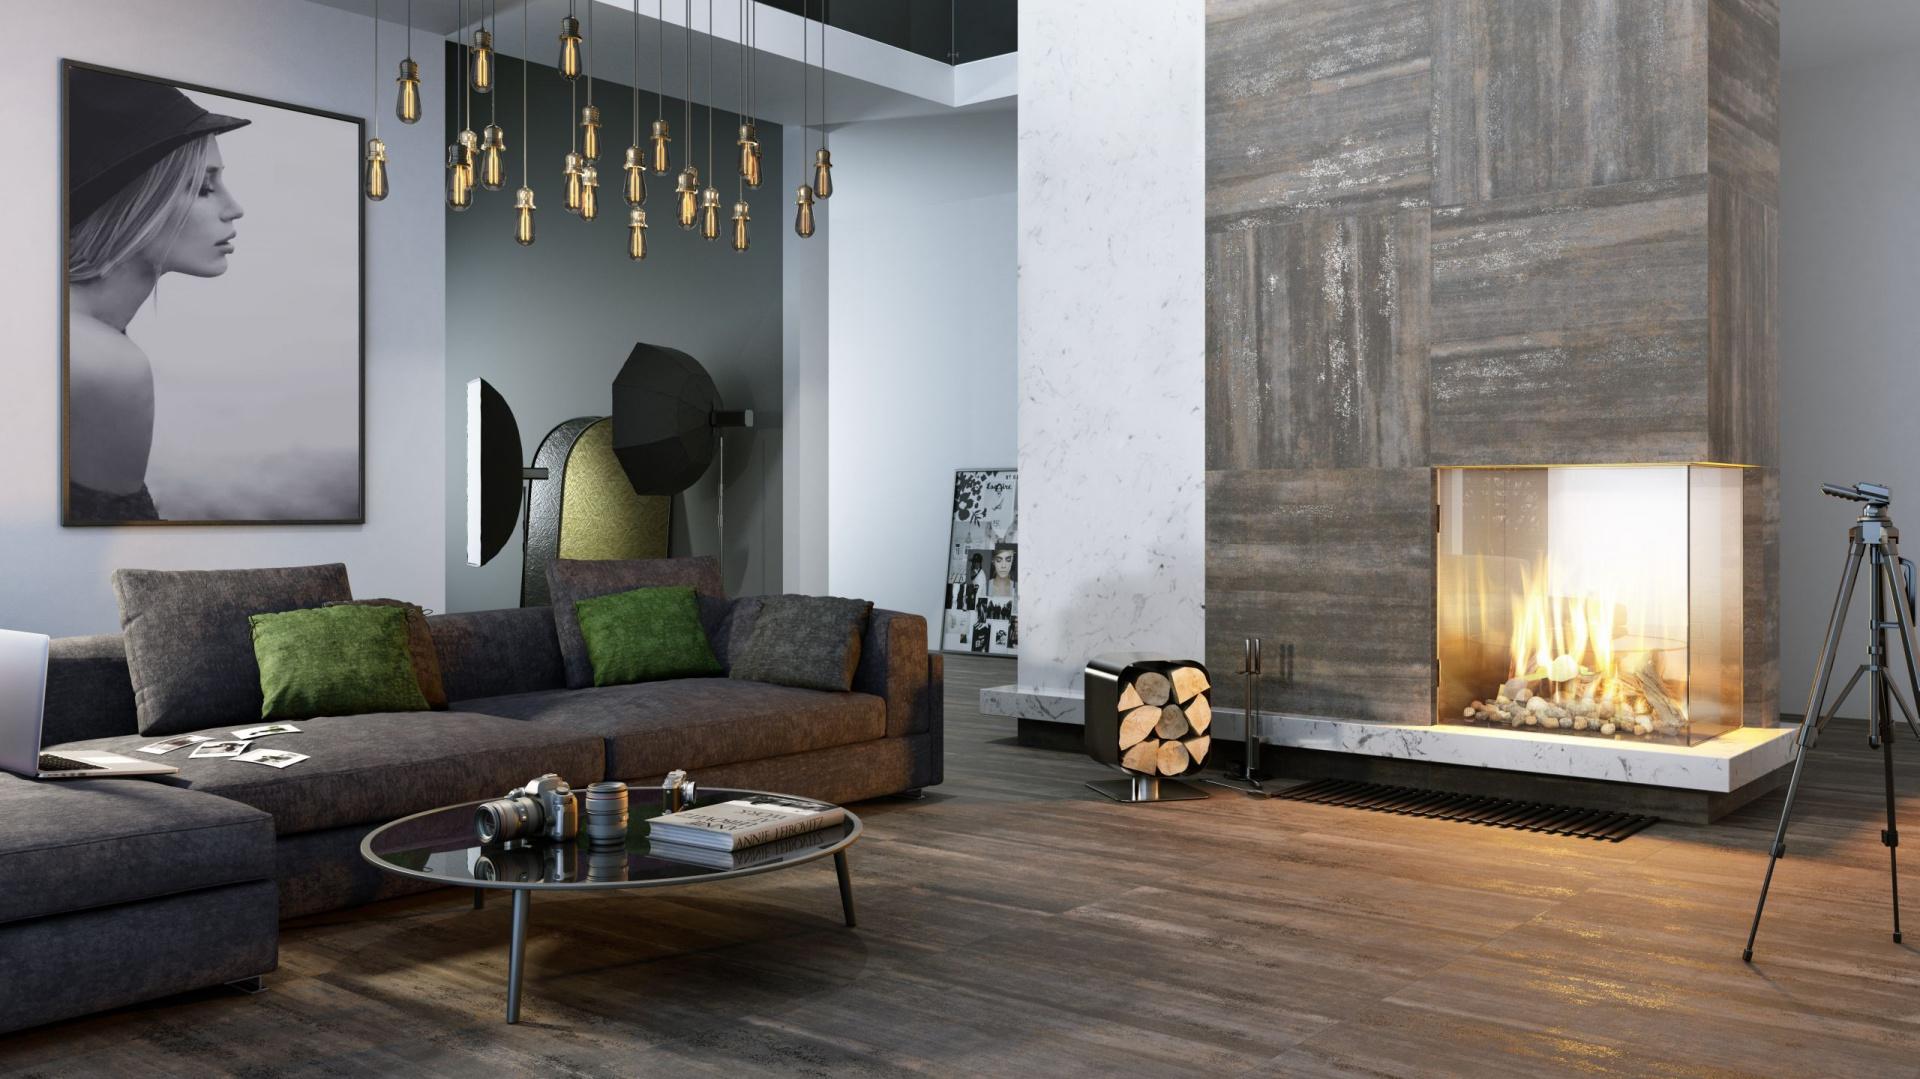 Kolekcja płytek Menfi to elementy naścienne oraz podłogowe w formacie 75x75 cm. Dodadzą dynamiki nowoczesnym aranżacjom. Od 115,87 zł/m². Fot. Ceramika Paradyż